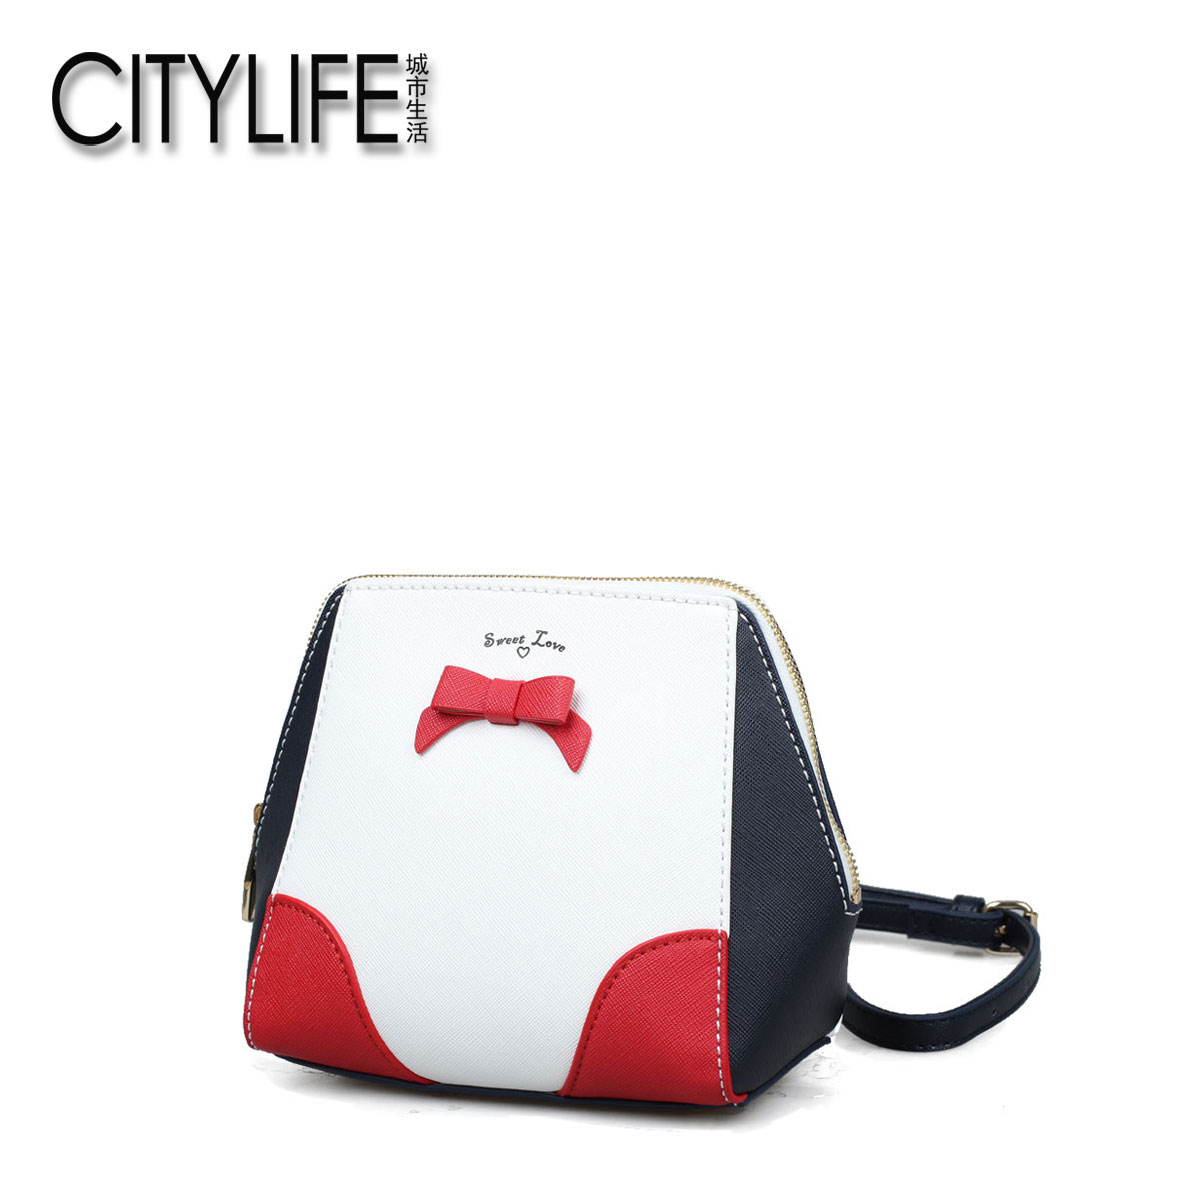 城市生活citylife新款包包女��ぐ�小��渭缧笨媾�式包小包